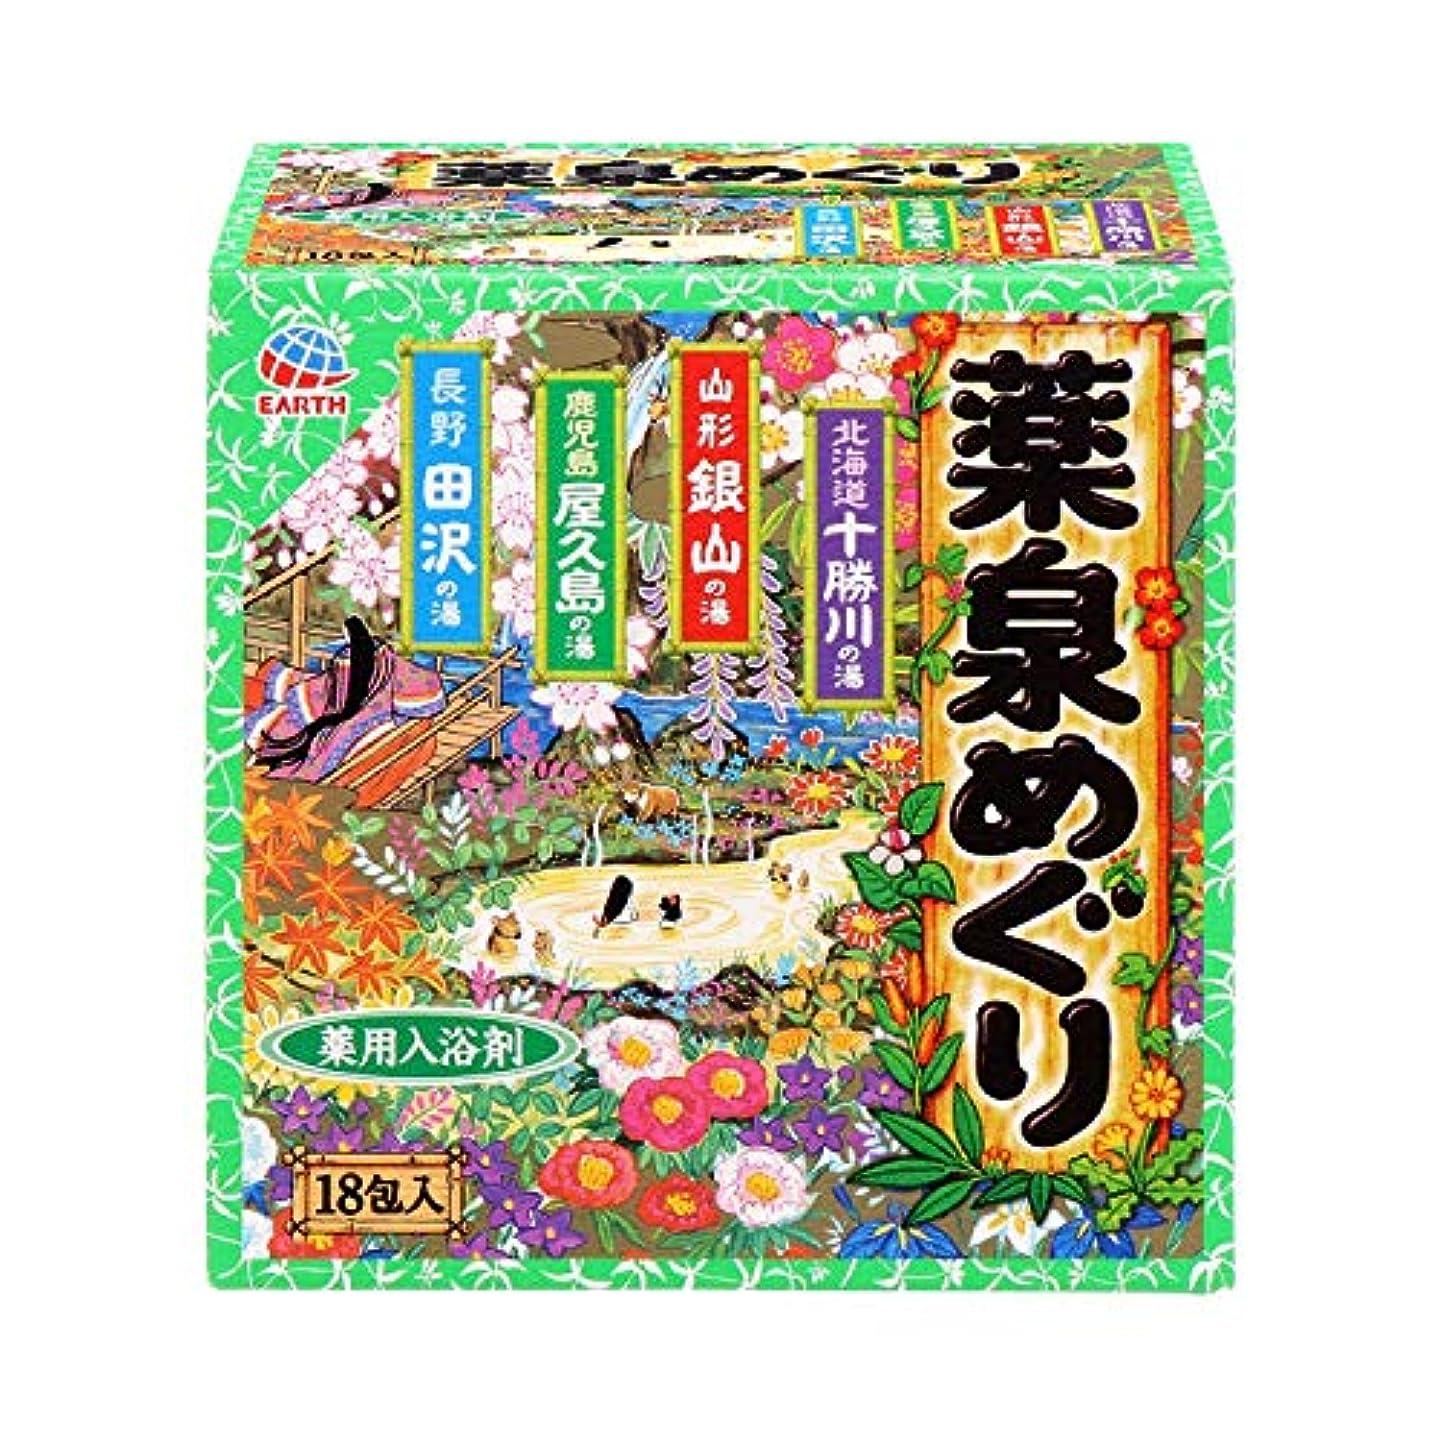 自動車旅行店主【アース製薬】薬泉めぐり 540g(30g*18包) ×10個セット